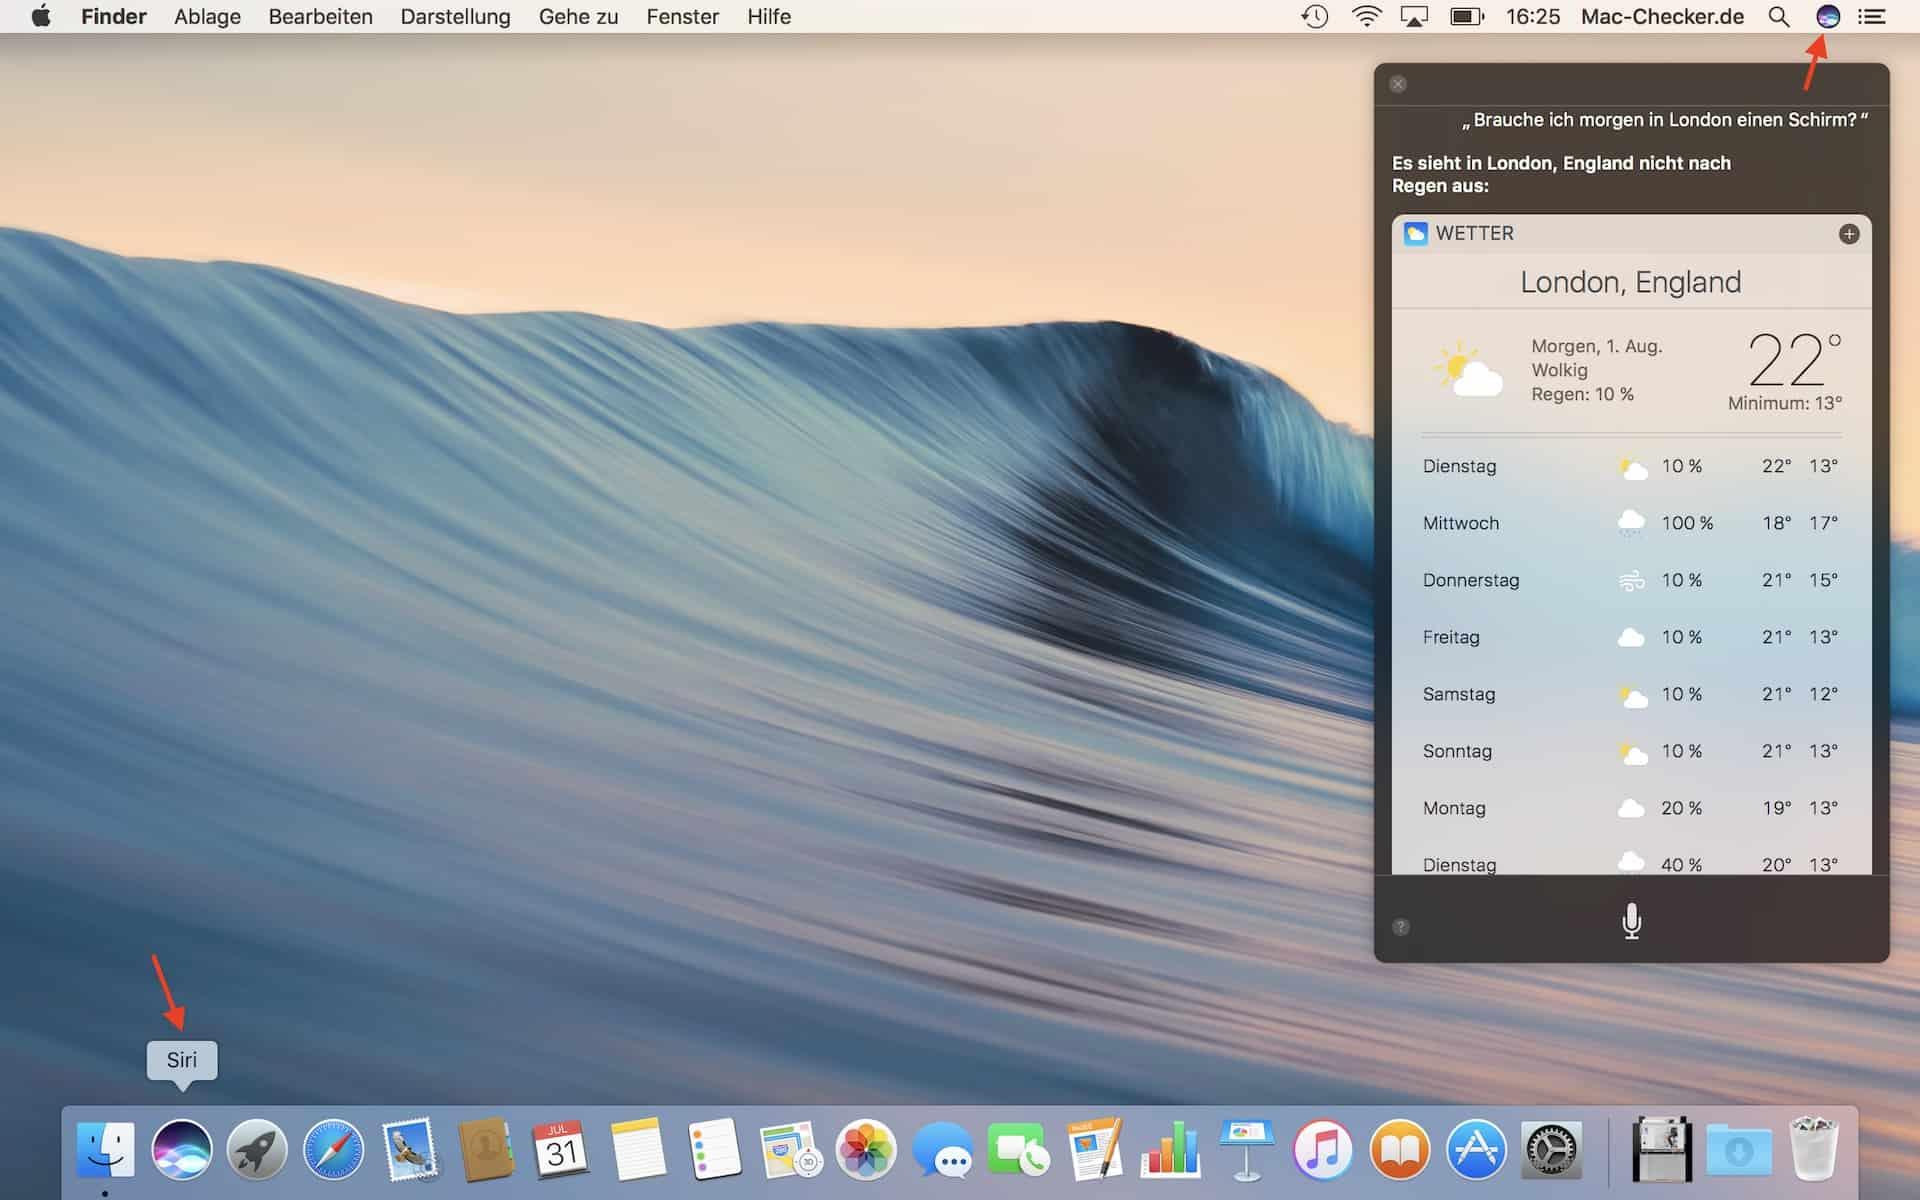 Apples Assistent Siri kann über verschiedene Wege aufgerufen werden. In Macs ab 2018 reagiert er sogar auf Zuruf (